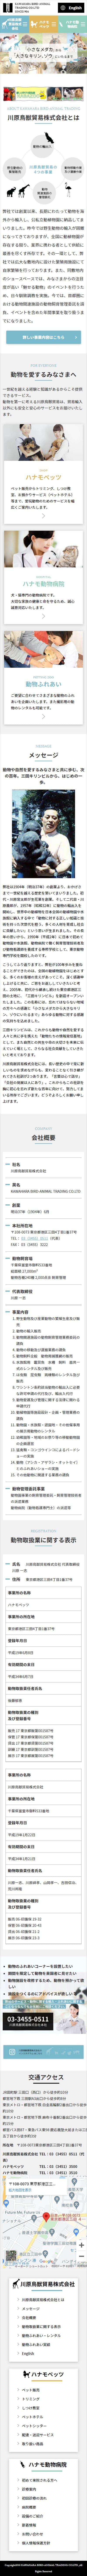 川原鳥獣貿易株式会社